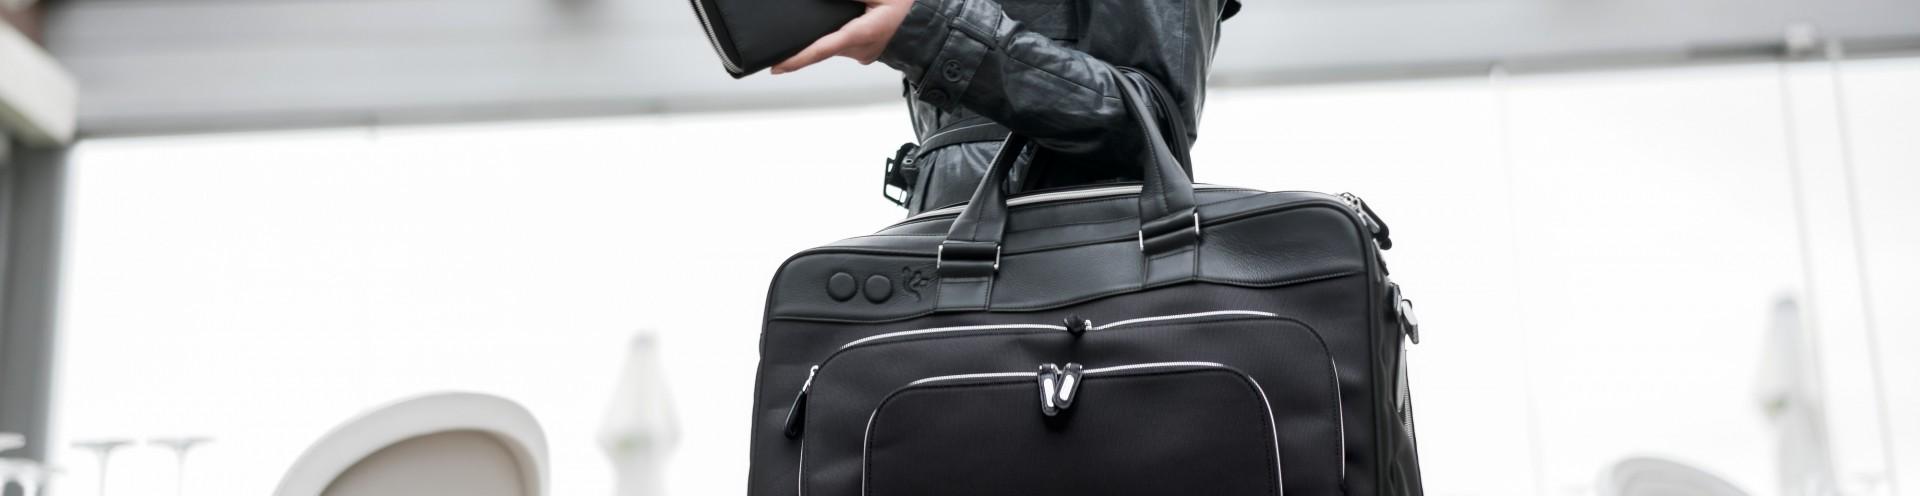 Candados Seguridad para Maletas de Viaje